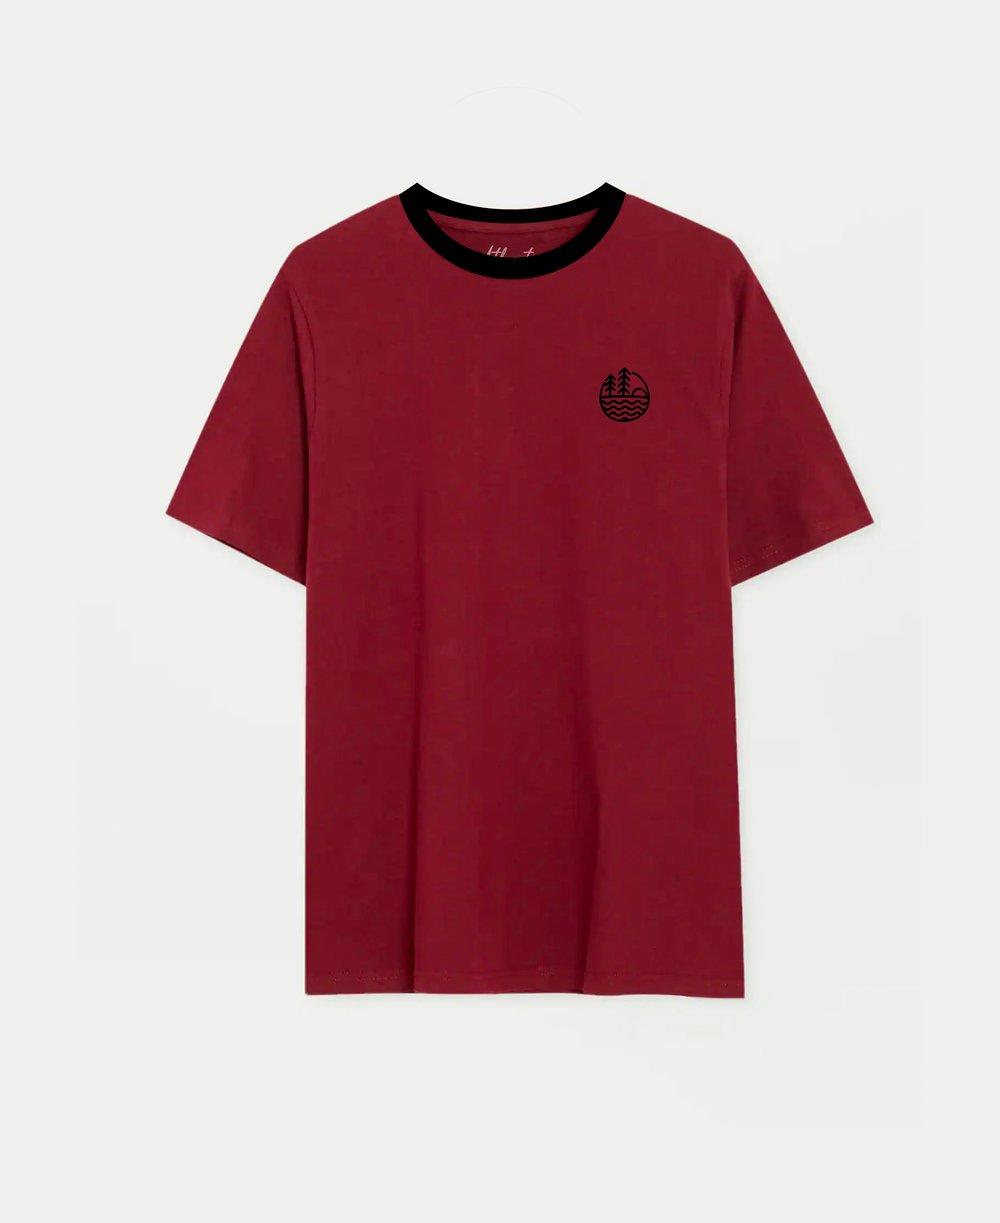 Velvet logo burgundy T-shirt